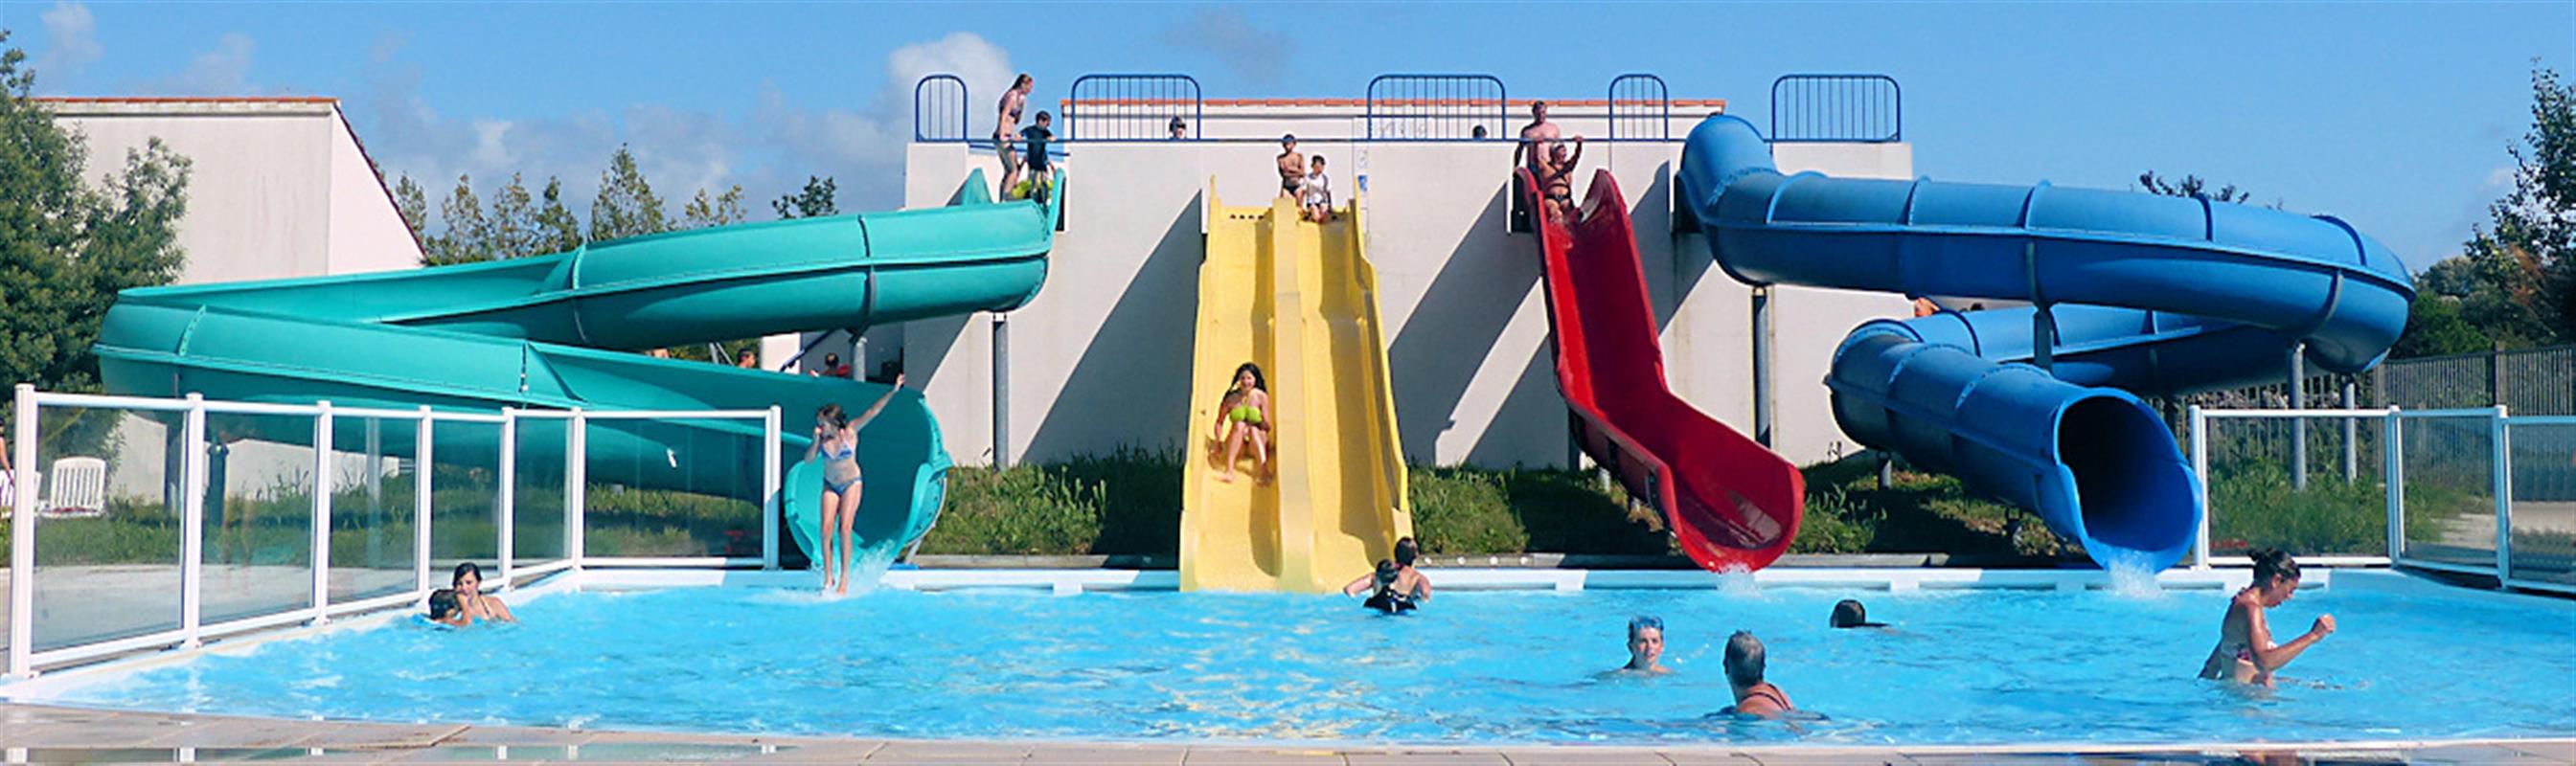 Camping avec toboggans aquatiques saint jean de monts - Camping saint jean de luz avec piscine ...